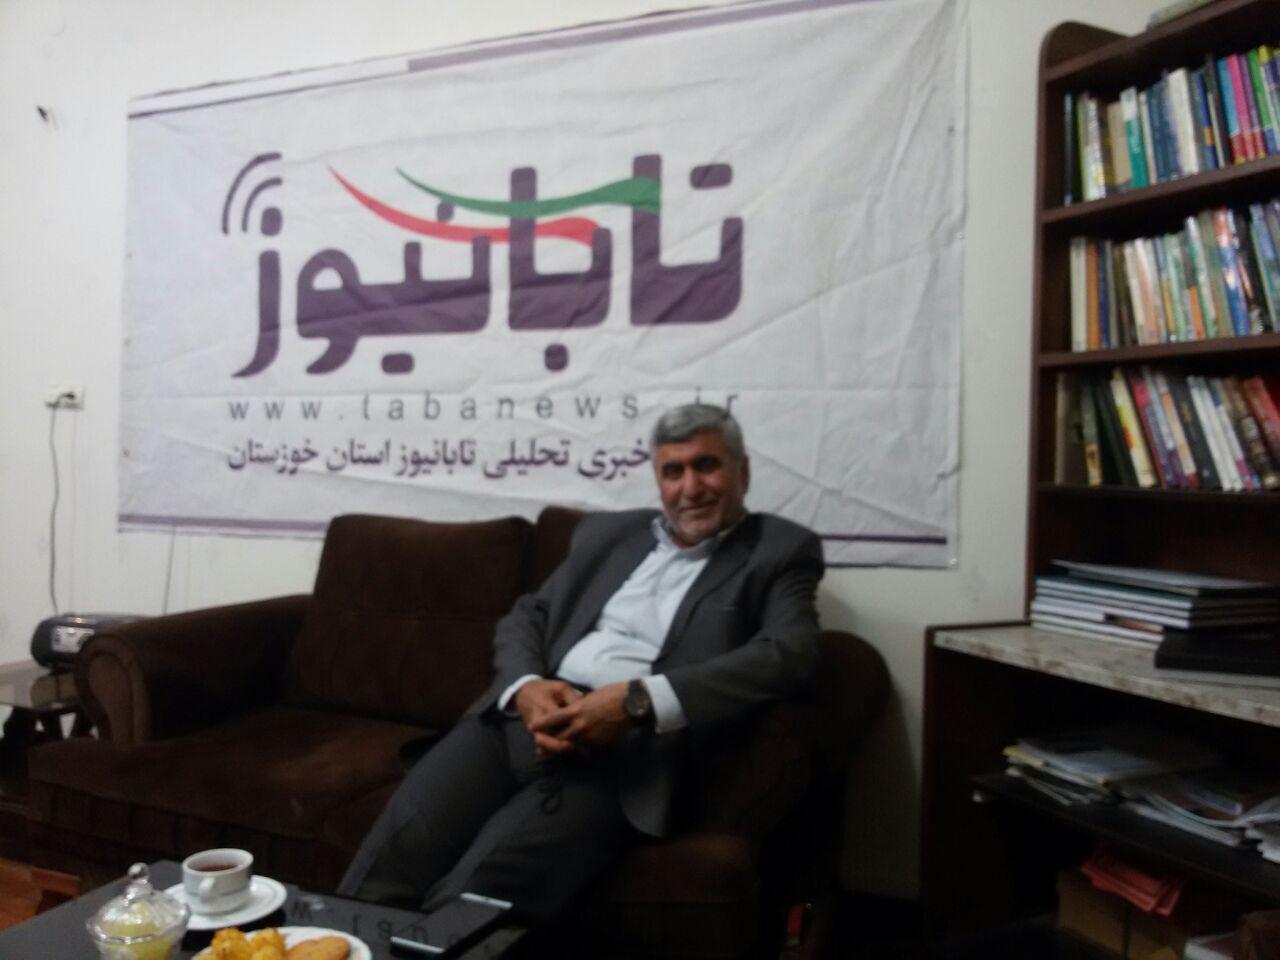 مصاحبه سایت تابانیوز با دکتر ورناصری